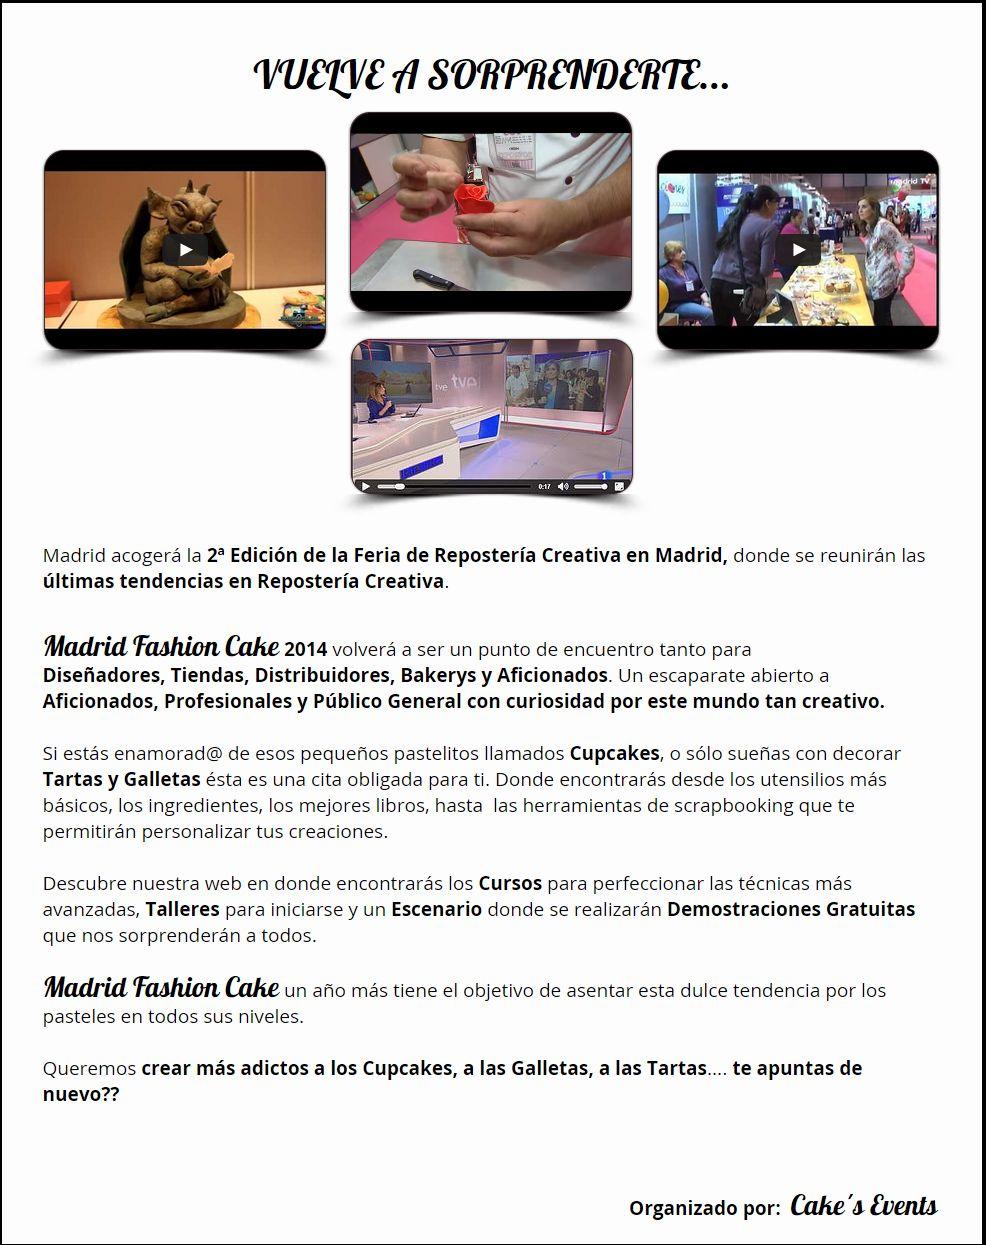 MadridFashionCake2014_2